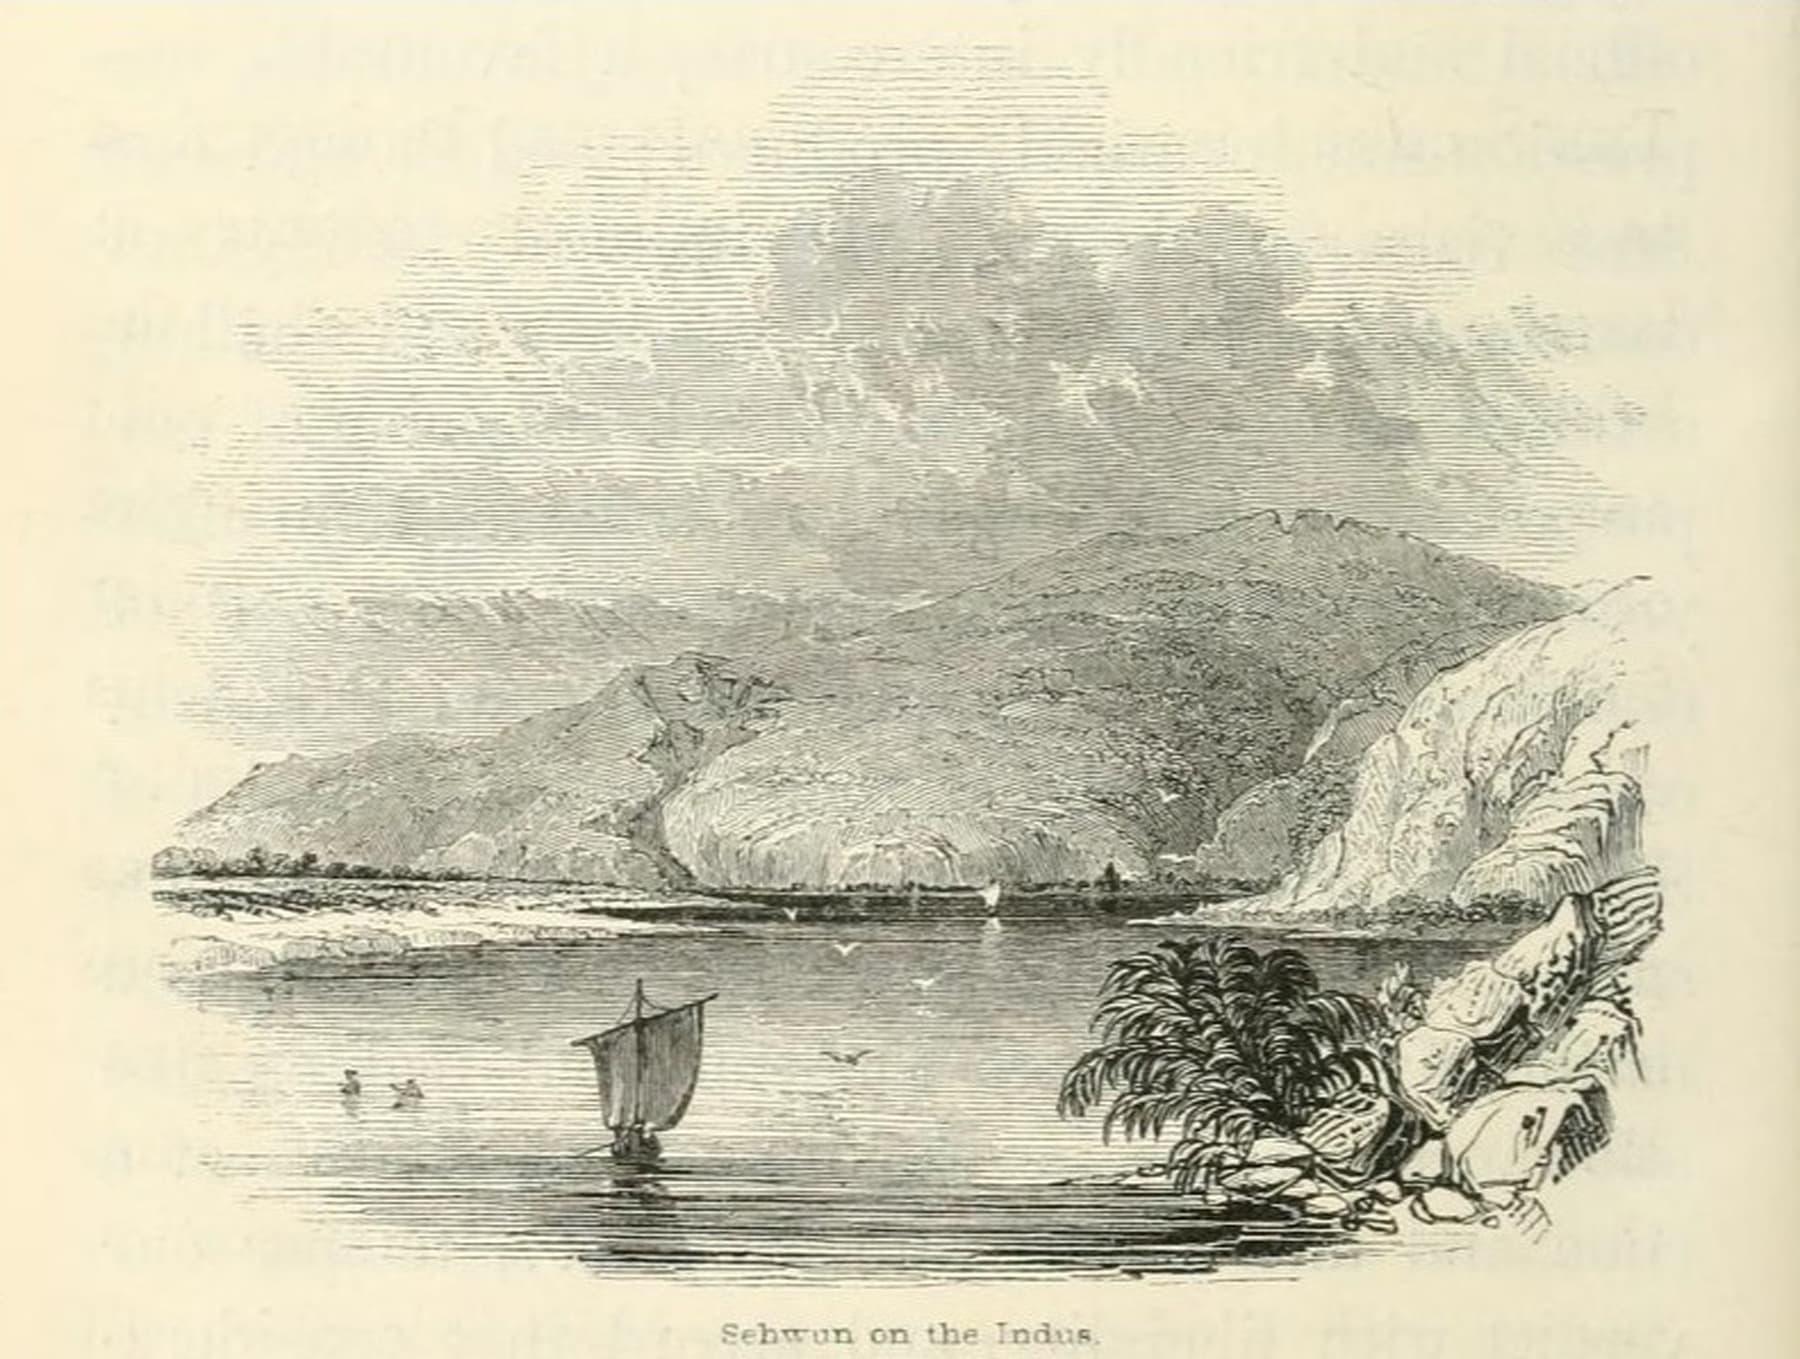 الیگزینڈر برنس 1837ء میں اپنی کتاب Voyage on the Indus میں لکھتے ہیں کہ 'یہ انتہائی عجیب عمارت جو دریائے سندھ کے کنارے پر واقع ہے وہ سیہون کا قلعہ ہے